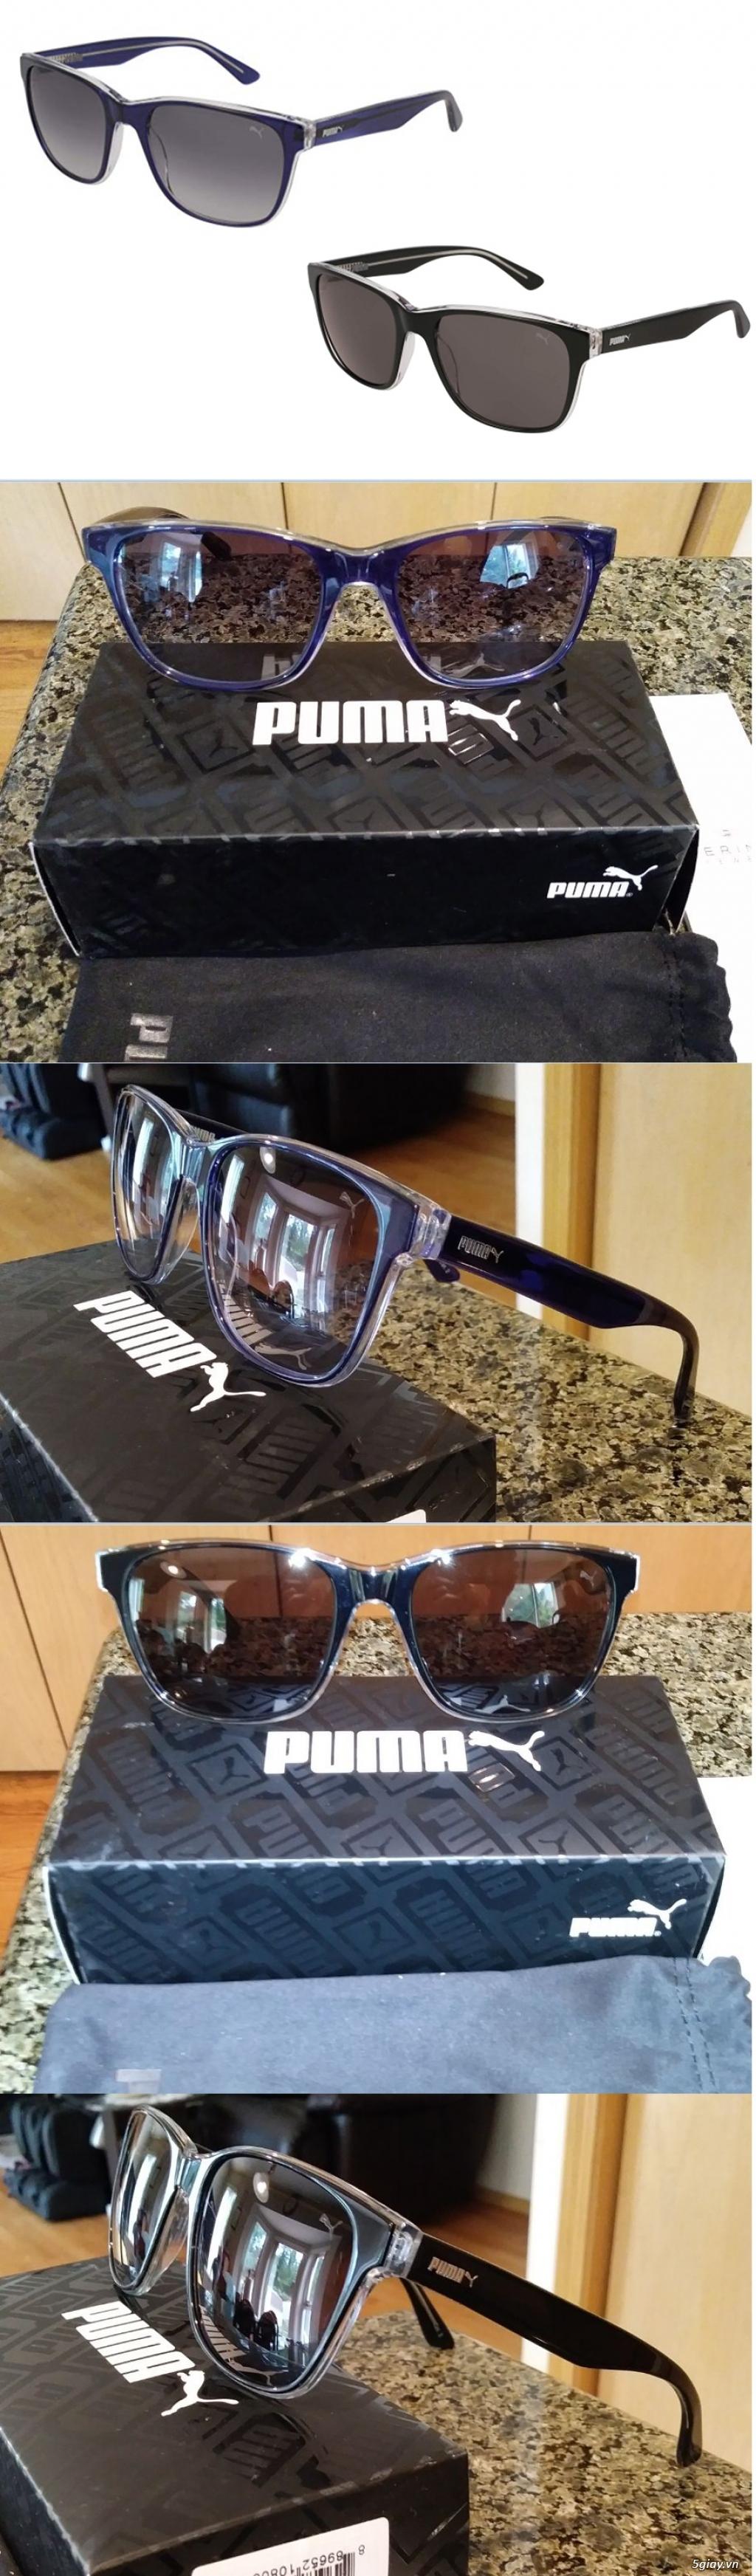 Những Mắt Kính Đẹp & Sang Trọng chính mình xách tay/gửi từ Mỹ về.  Armani, D&G, Prada, Ray-Ban, Polo - 45